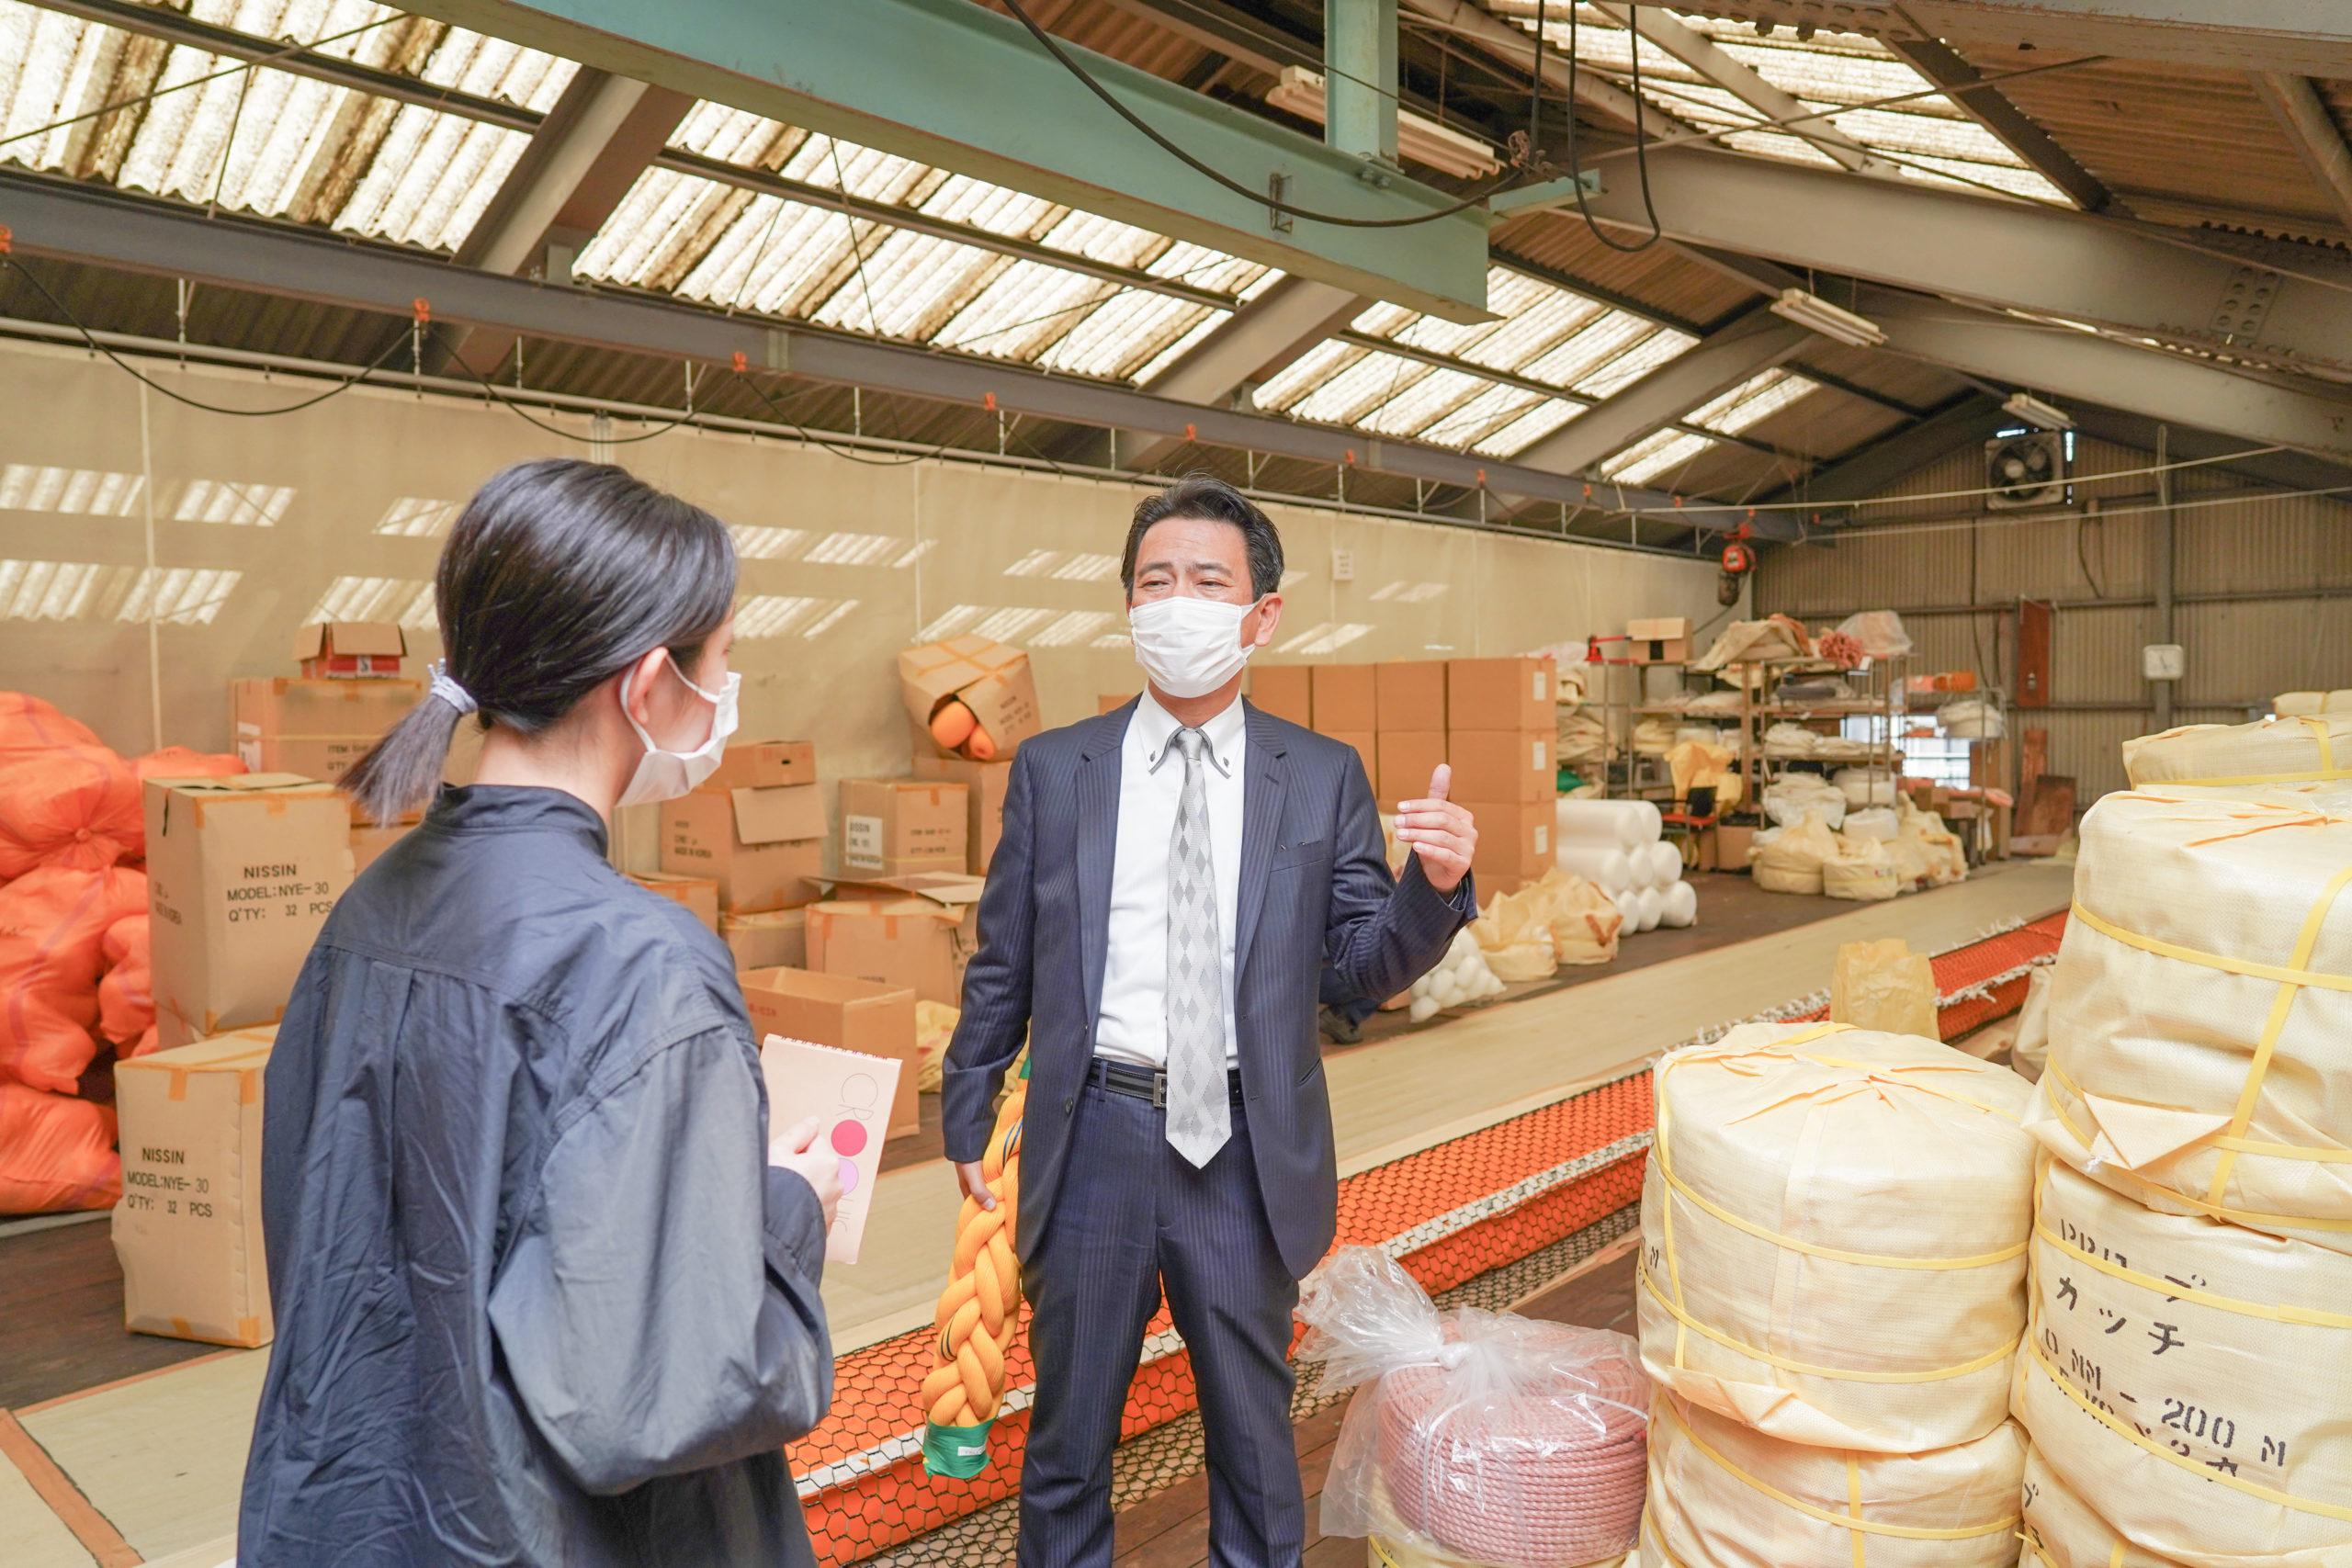 植木社長に工場を案内してもらいました。